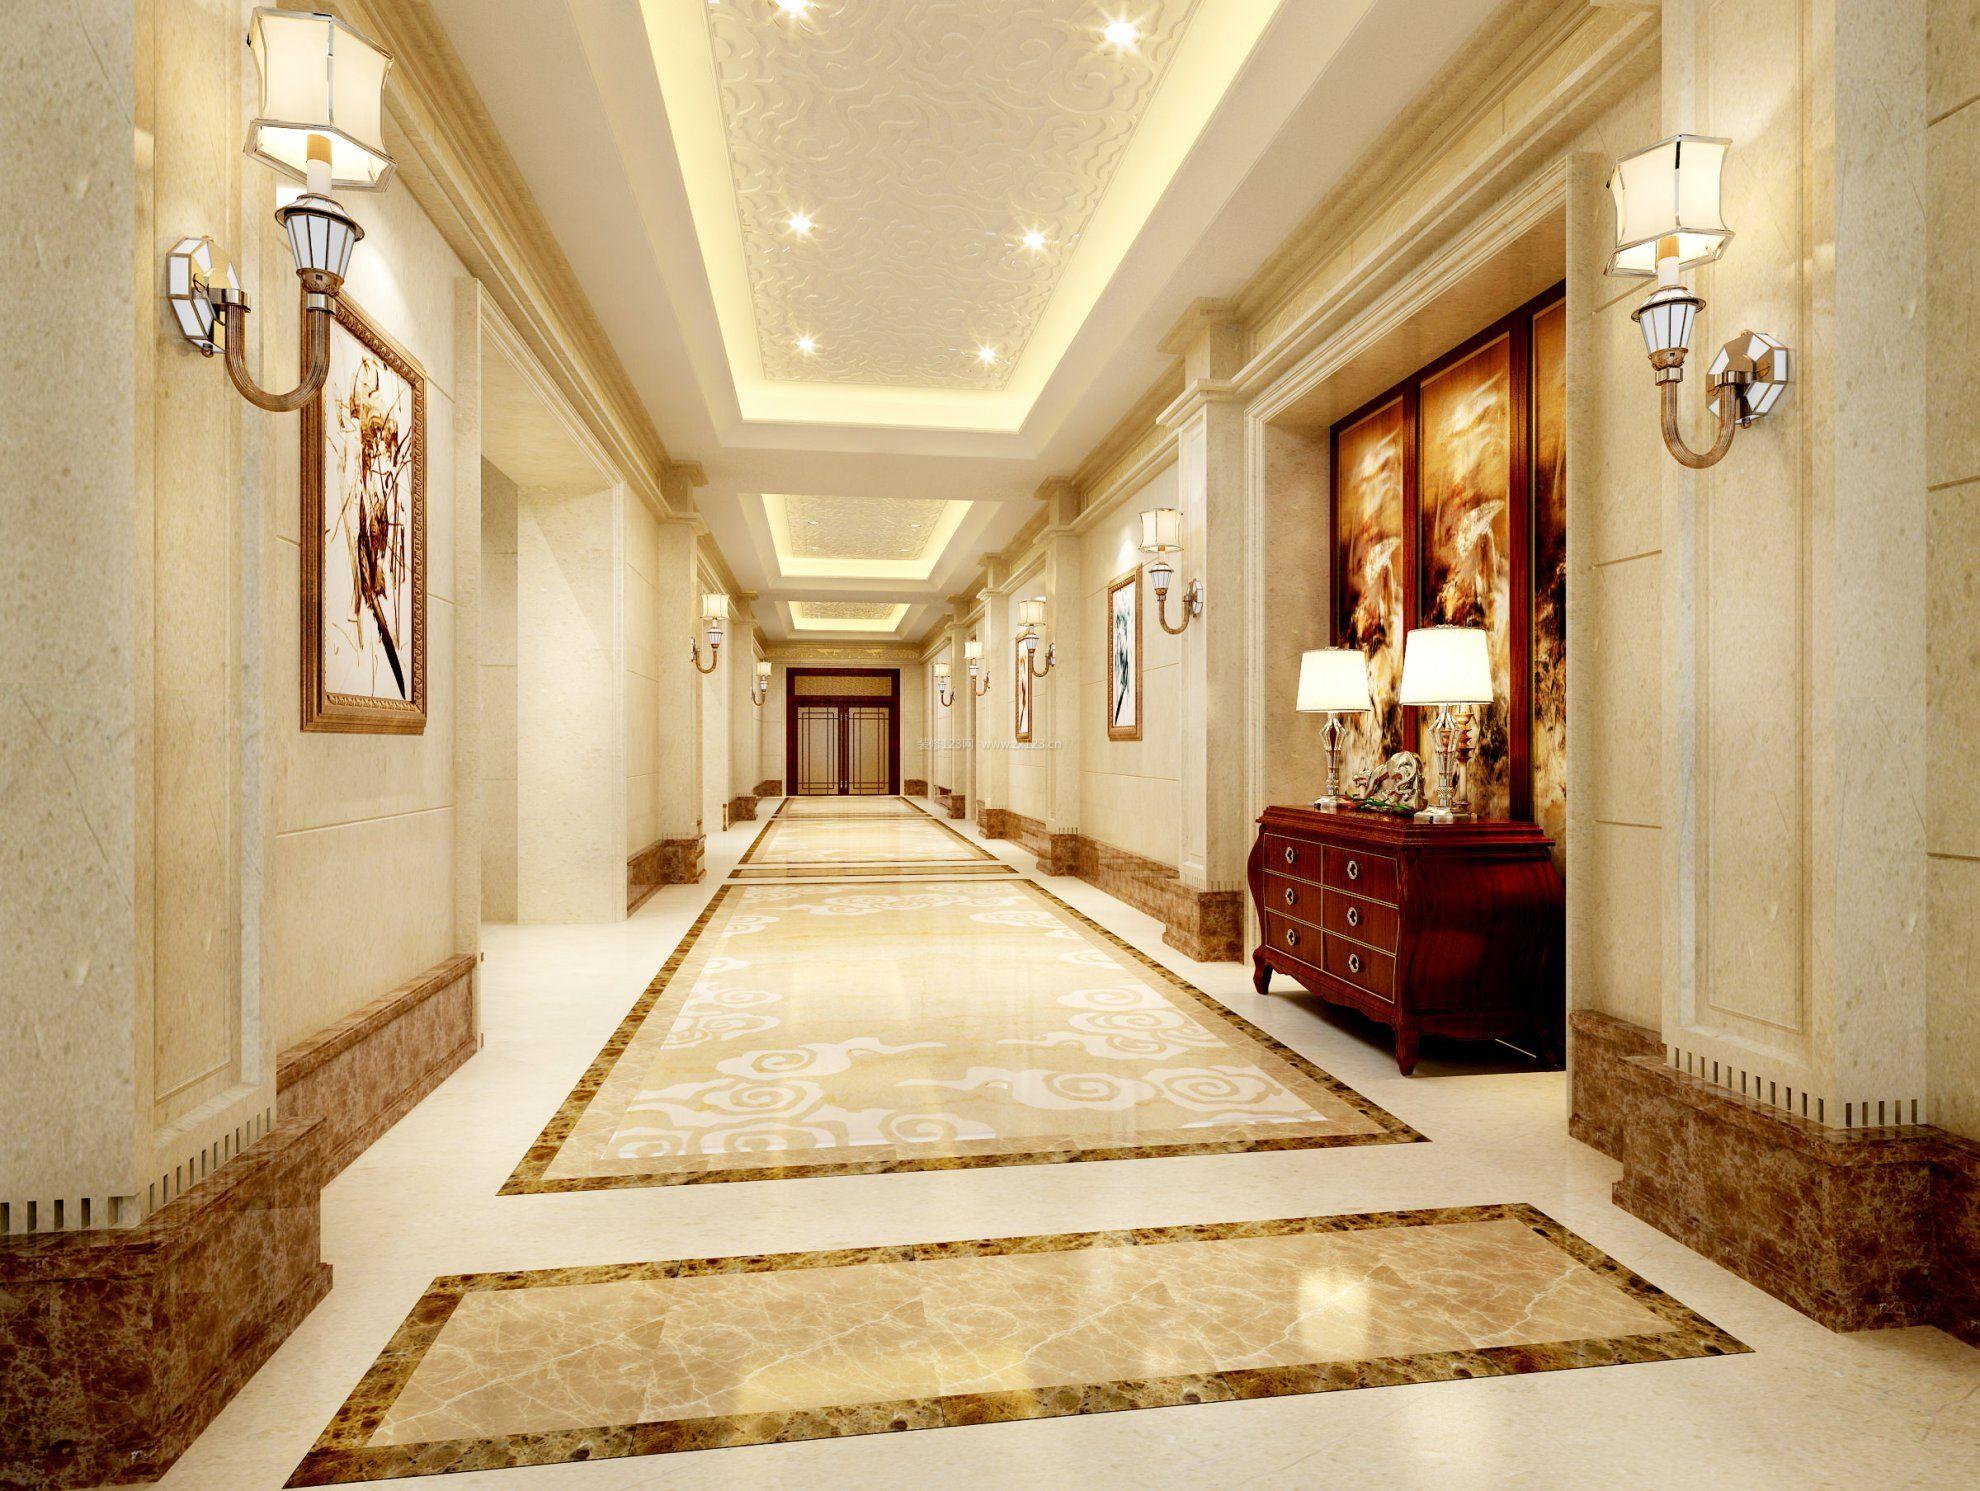 工装效果图 欧式 欧式风格走廊过道装修效果图 提供者:   ← → 可以